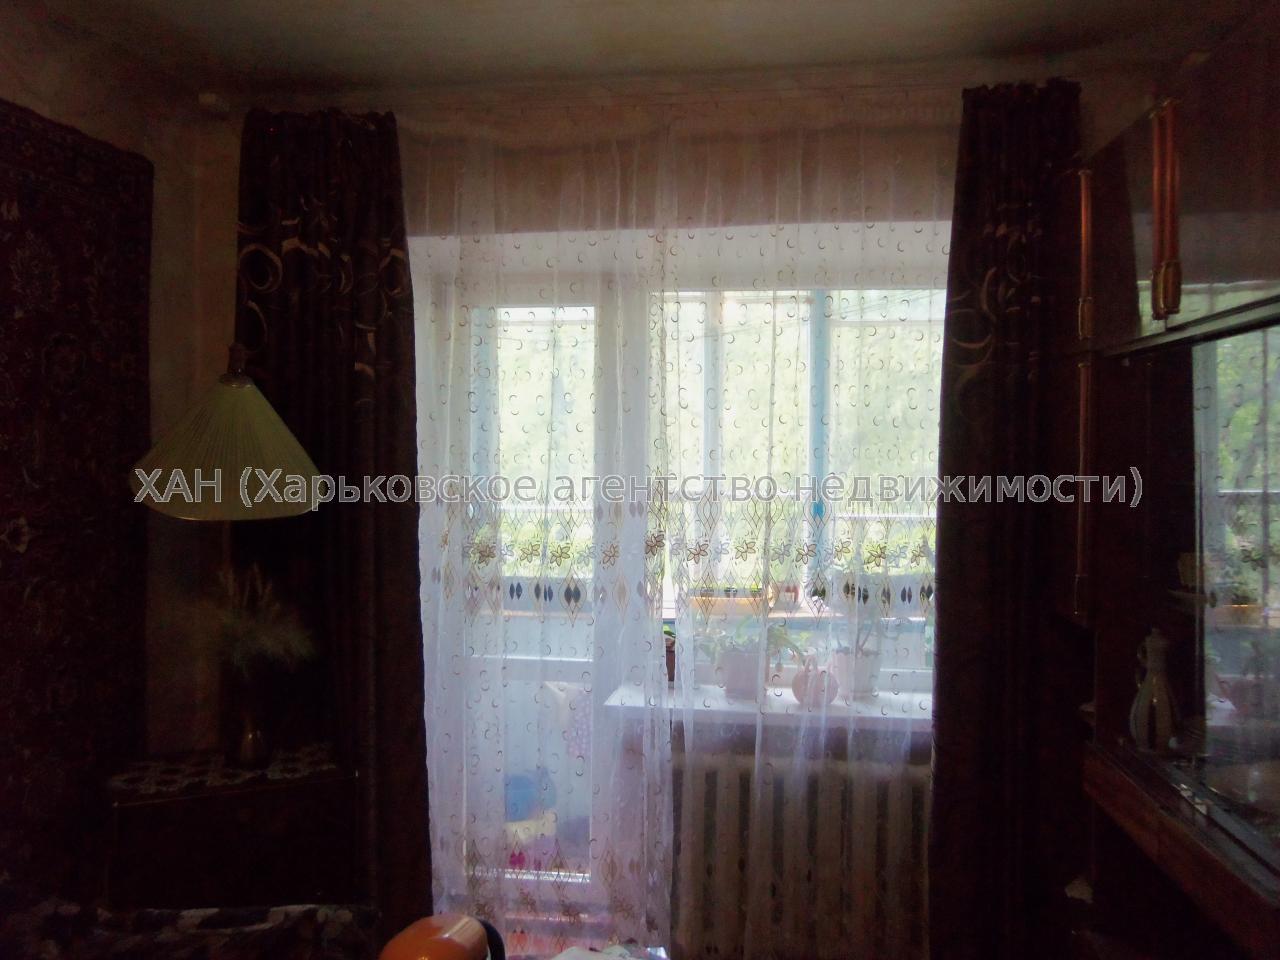 Продам квартиру Харьков, Лесопарковский 1-й пер. 5